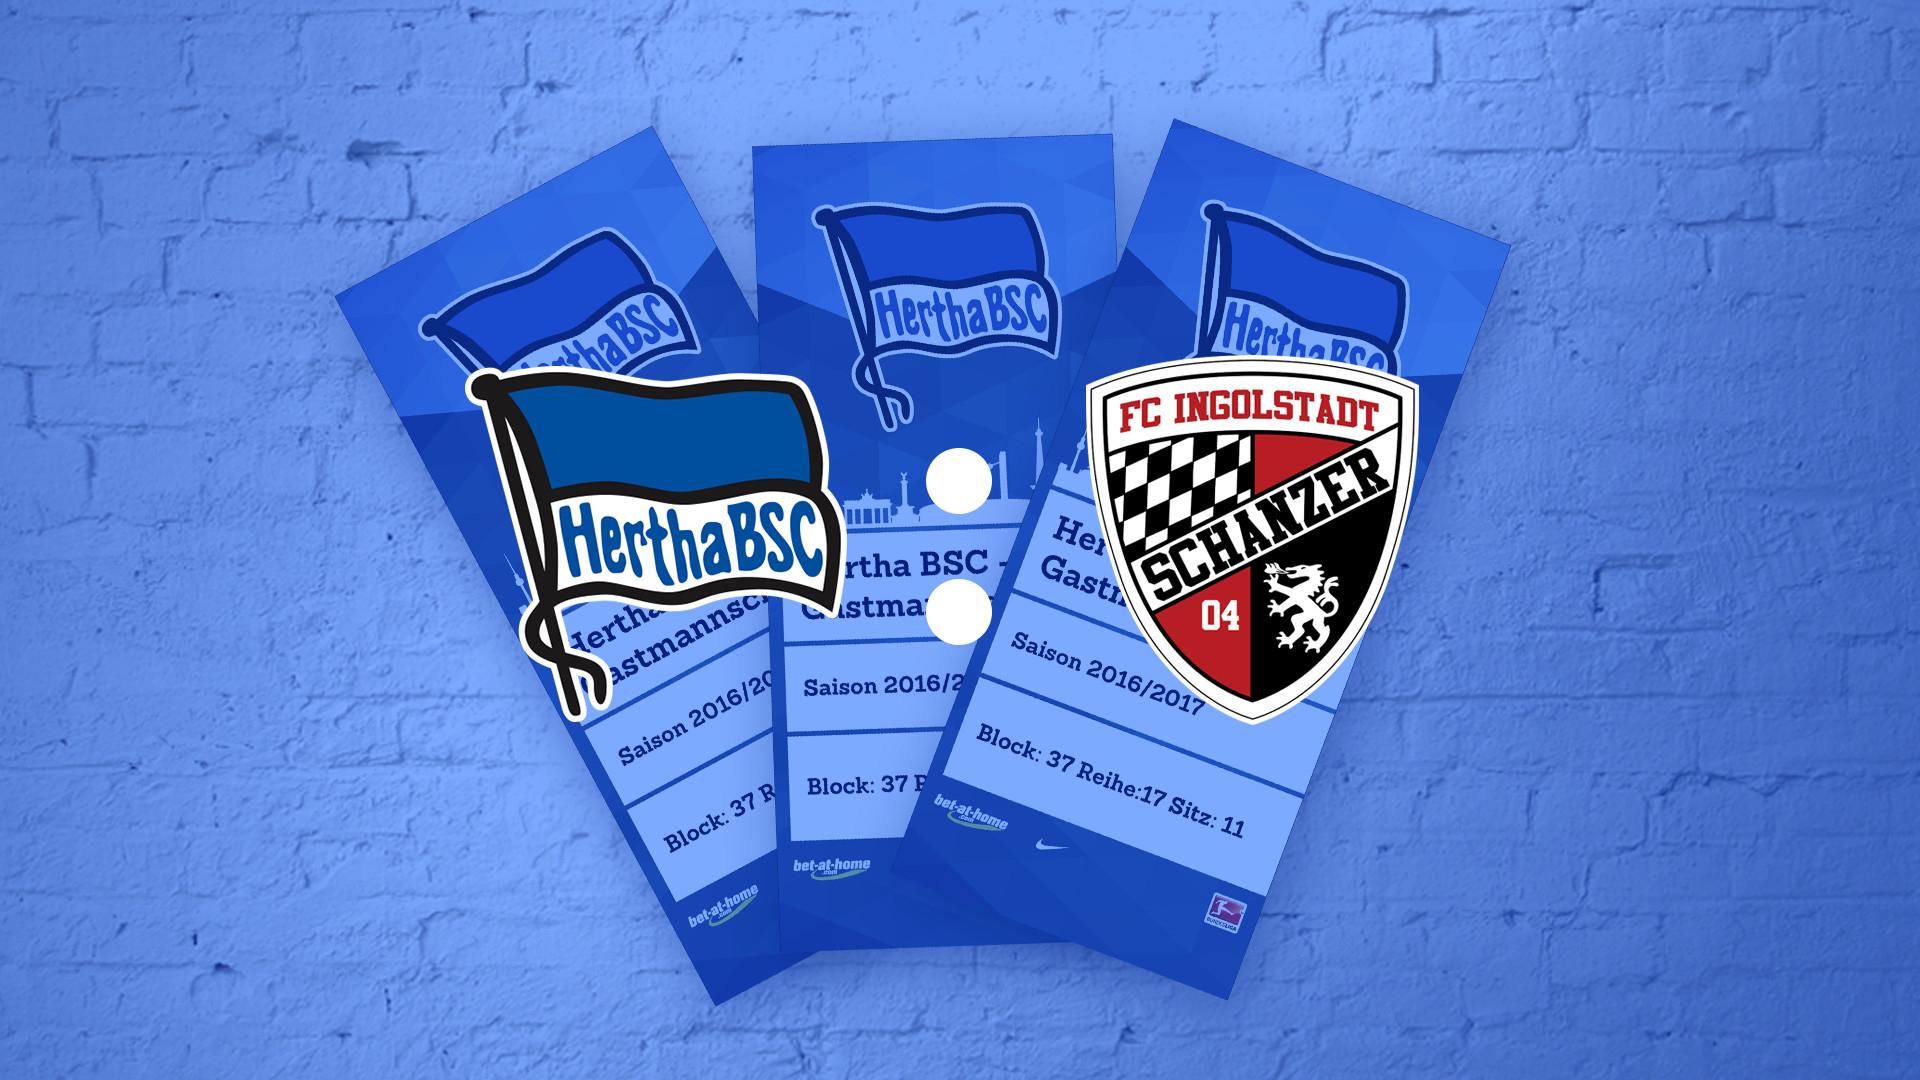 Hertha BSC - FC Ingolstadt Tagesticket am 04.02.17 für 10.000 Fanmiles Punkte